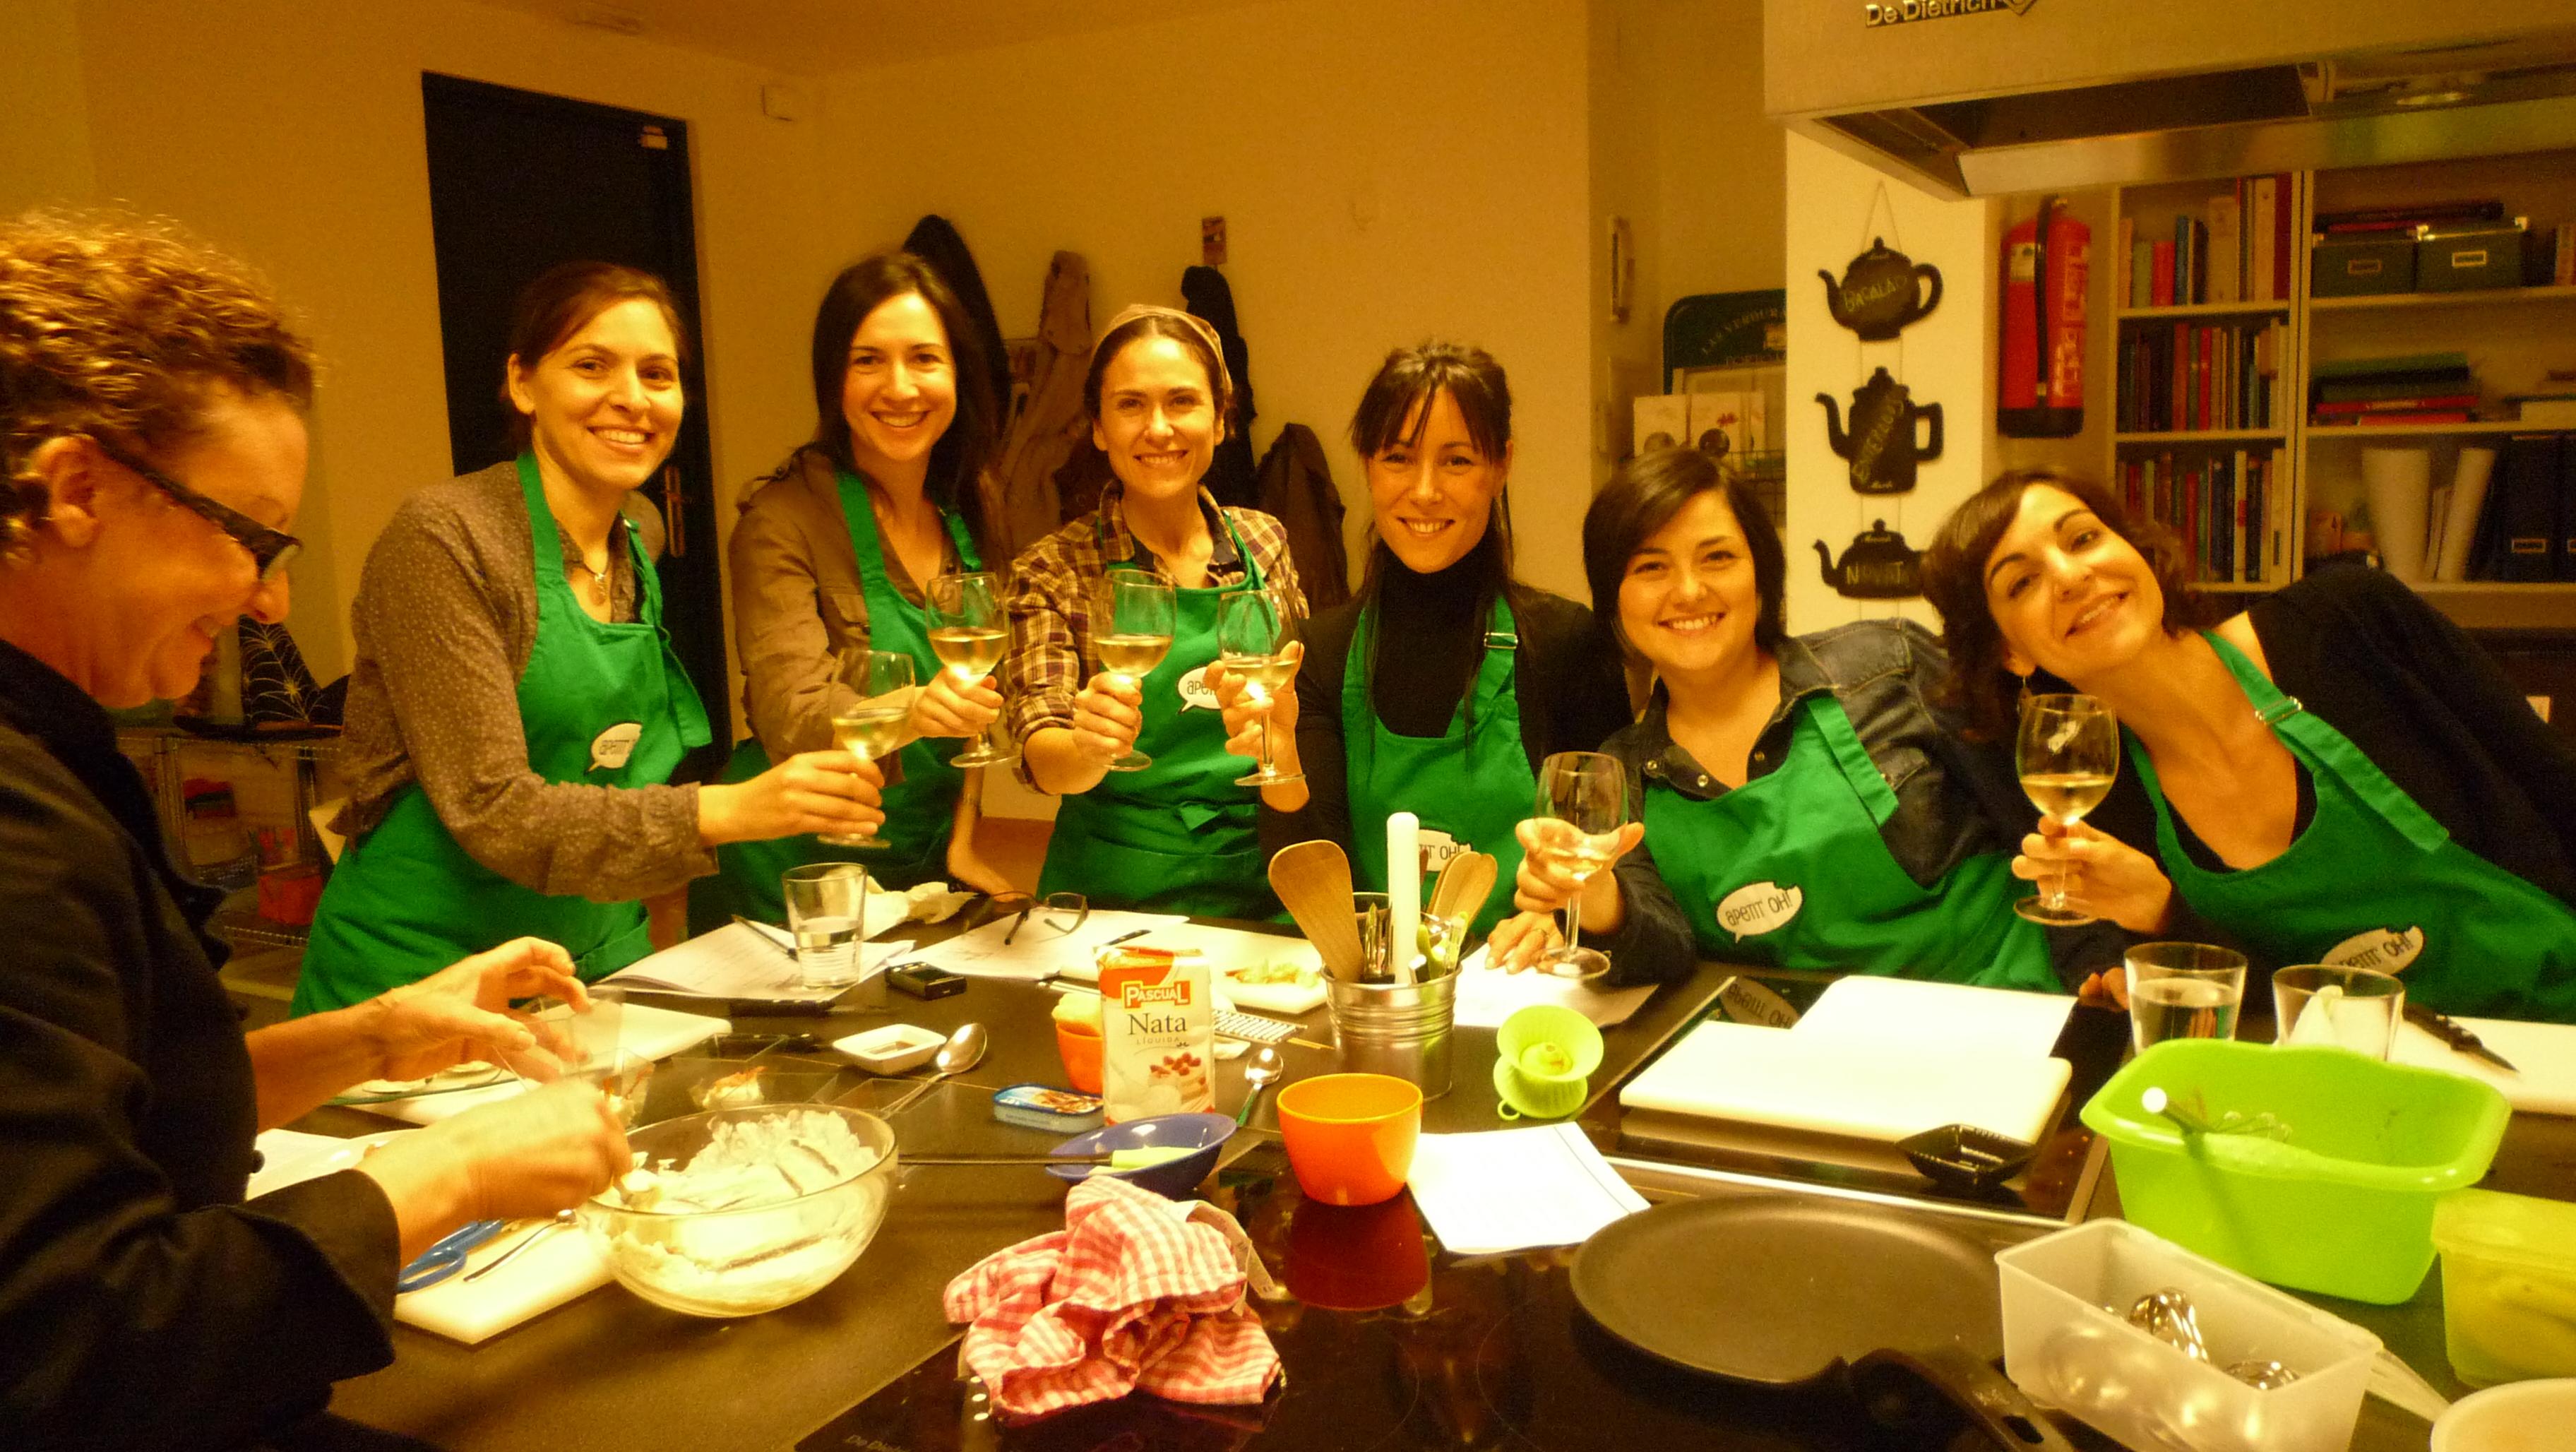 clases de cocina en madrid shmadrid